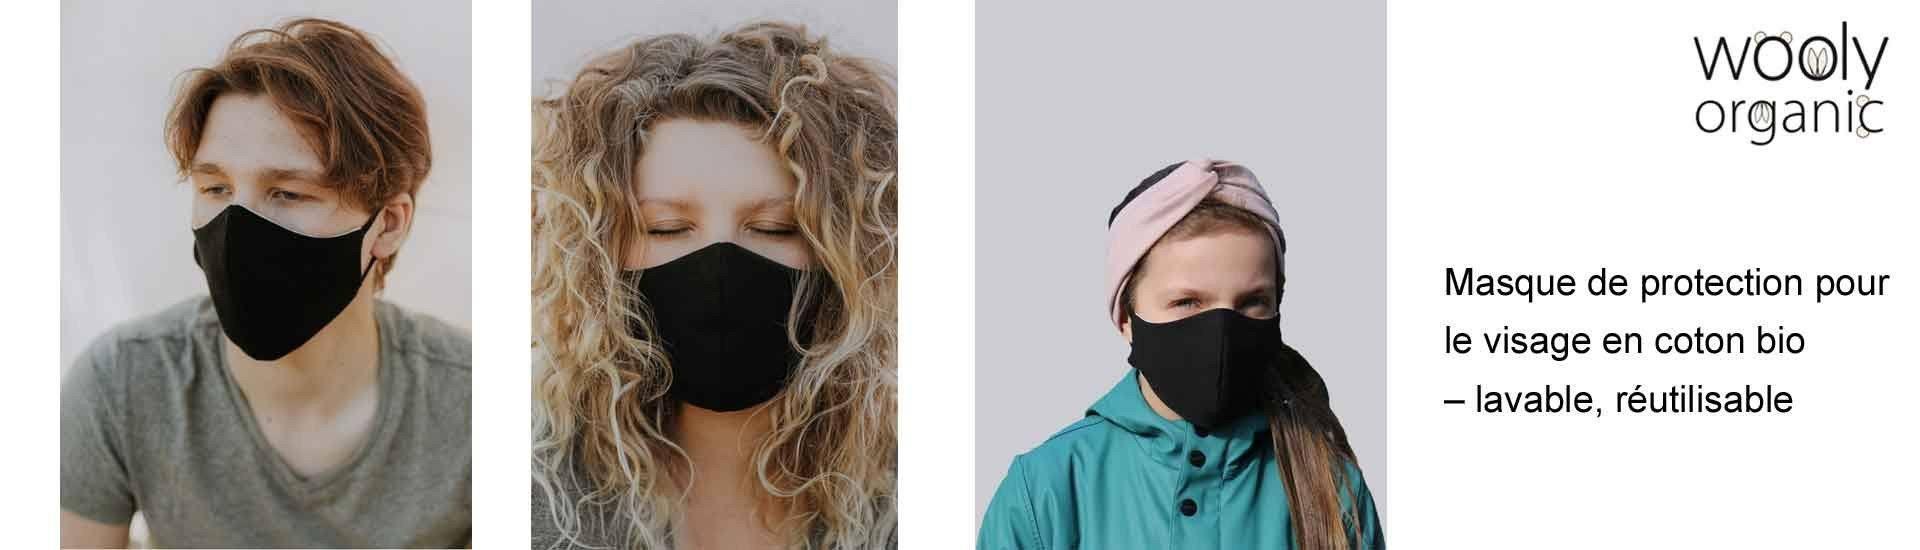 Masque en tissu lavable coton bio wooly organic